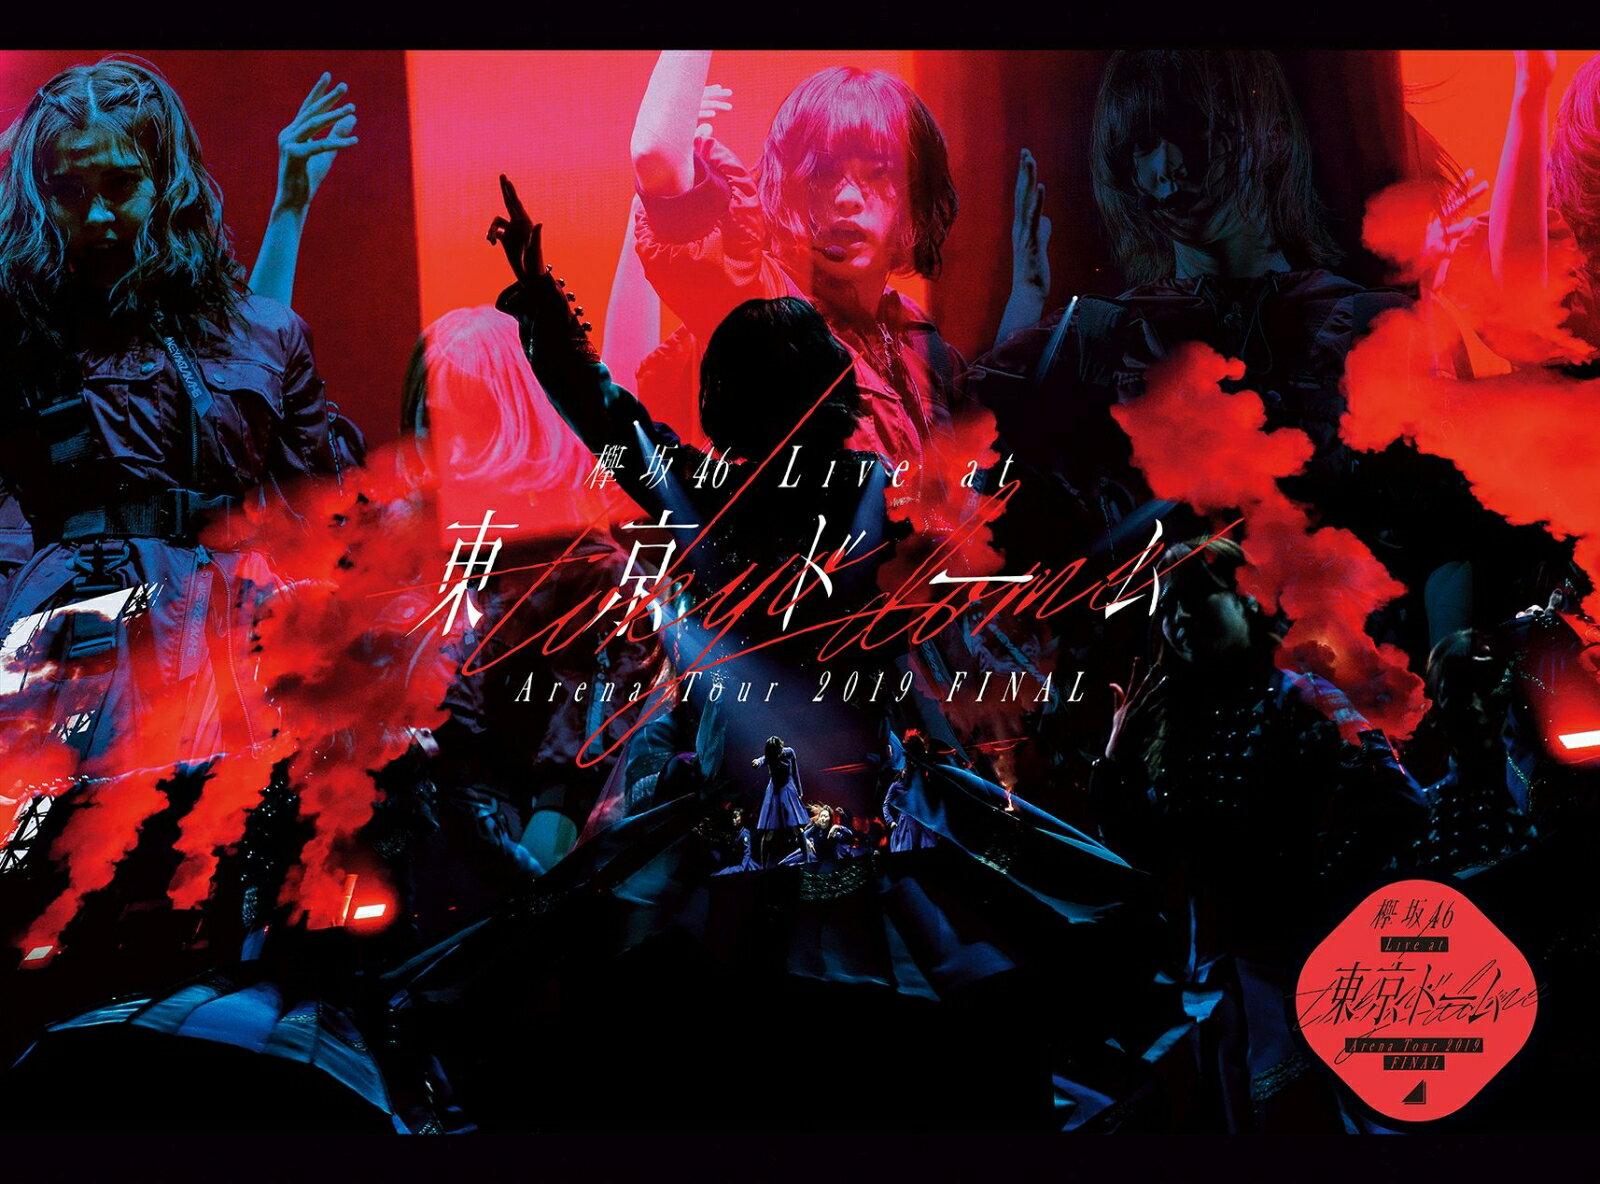 欅坂46 LIVE at 東京ドーム 〜ARENA TOUR 2019 FINAL〜(初回生産限定盤)【Blu-ray】